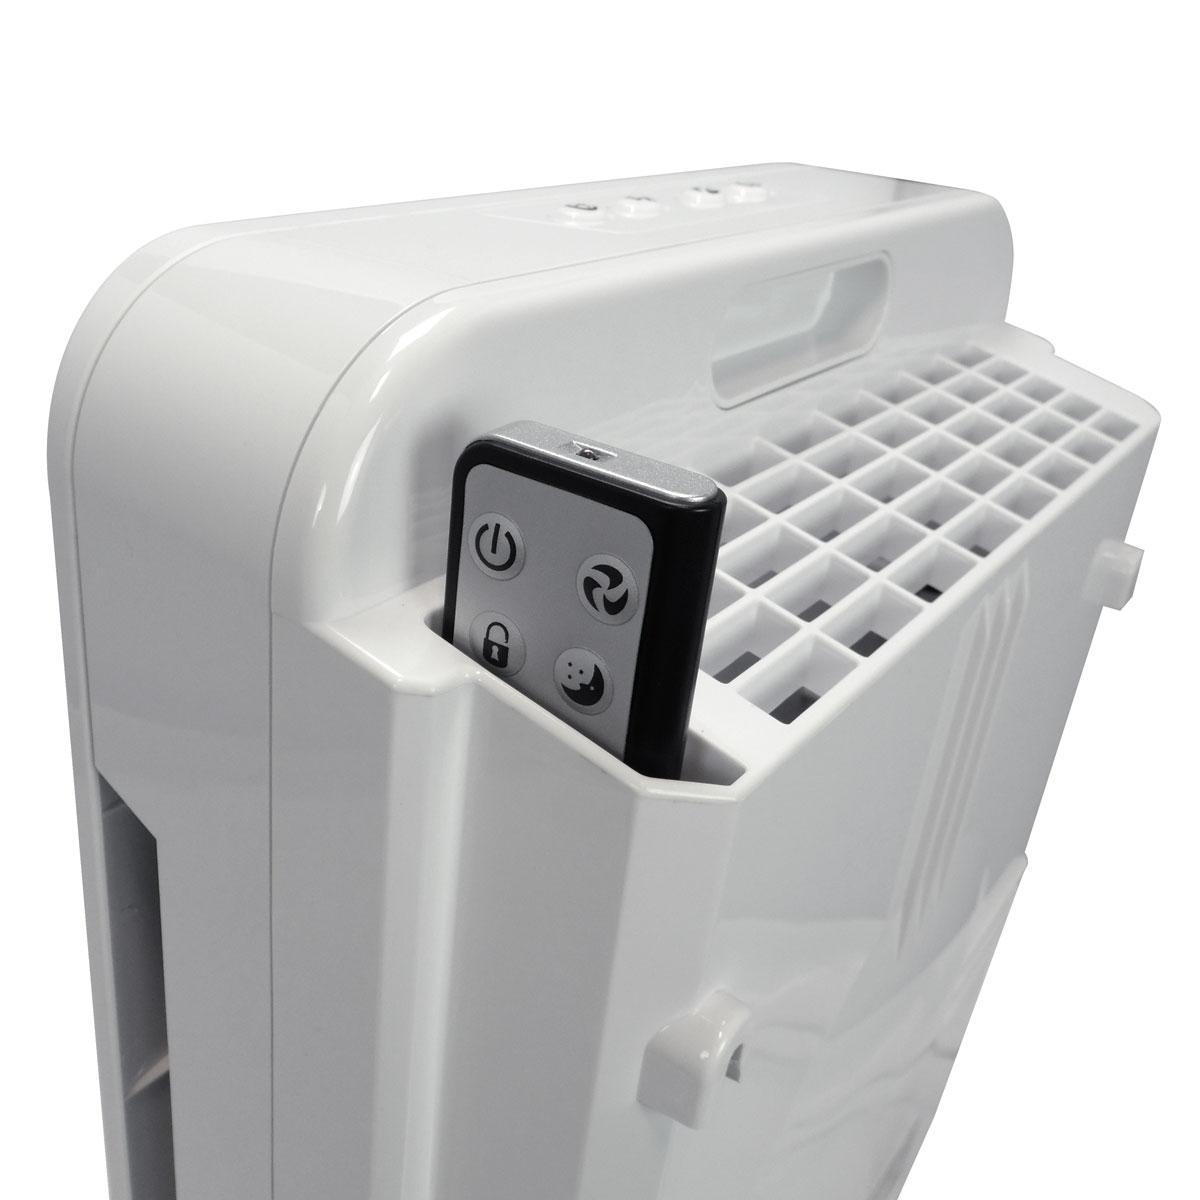 purificateur d 39 air qlima a25 avec filtre hepa con u pour. Black Bedroom Furniture Sets. Home Design Ideas